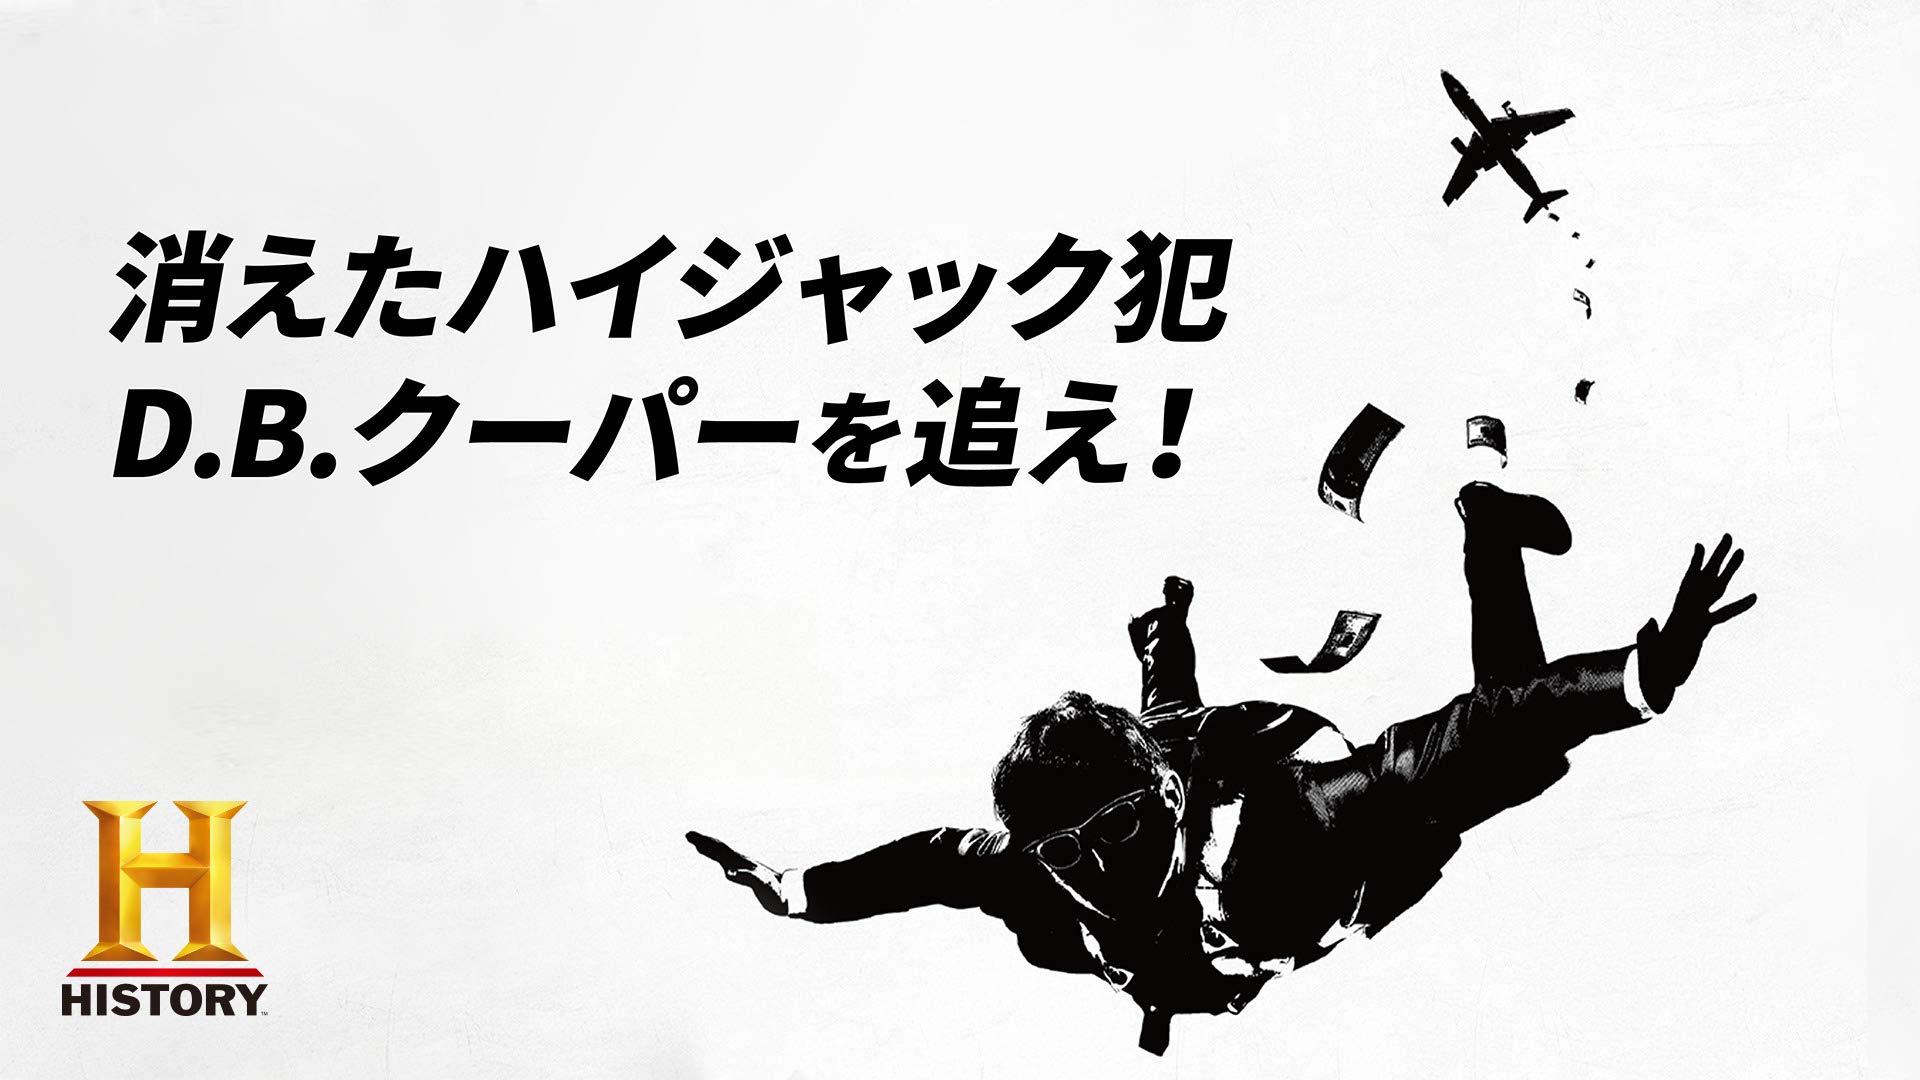 事件 クーパー 殺人博物館〜ロナルド・フランク・クーパー